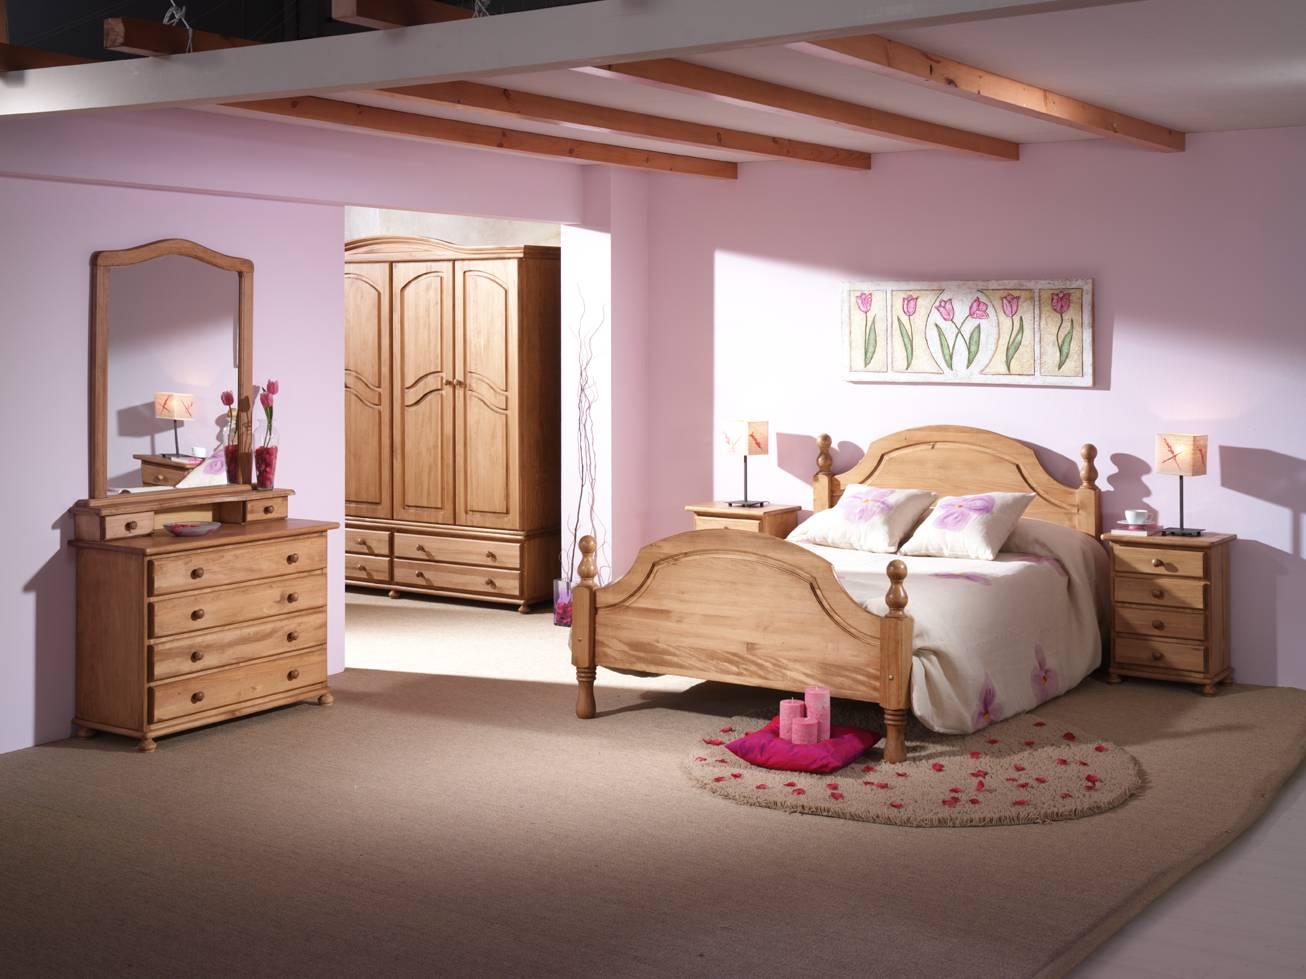 Muebles estilo provenzal blanco affordable muebles - Mueble provenzal blanco ...